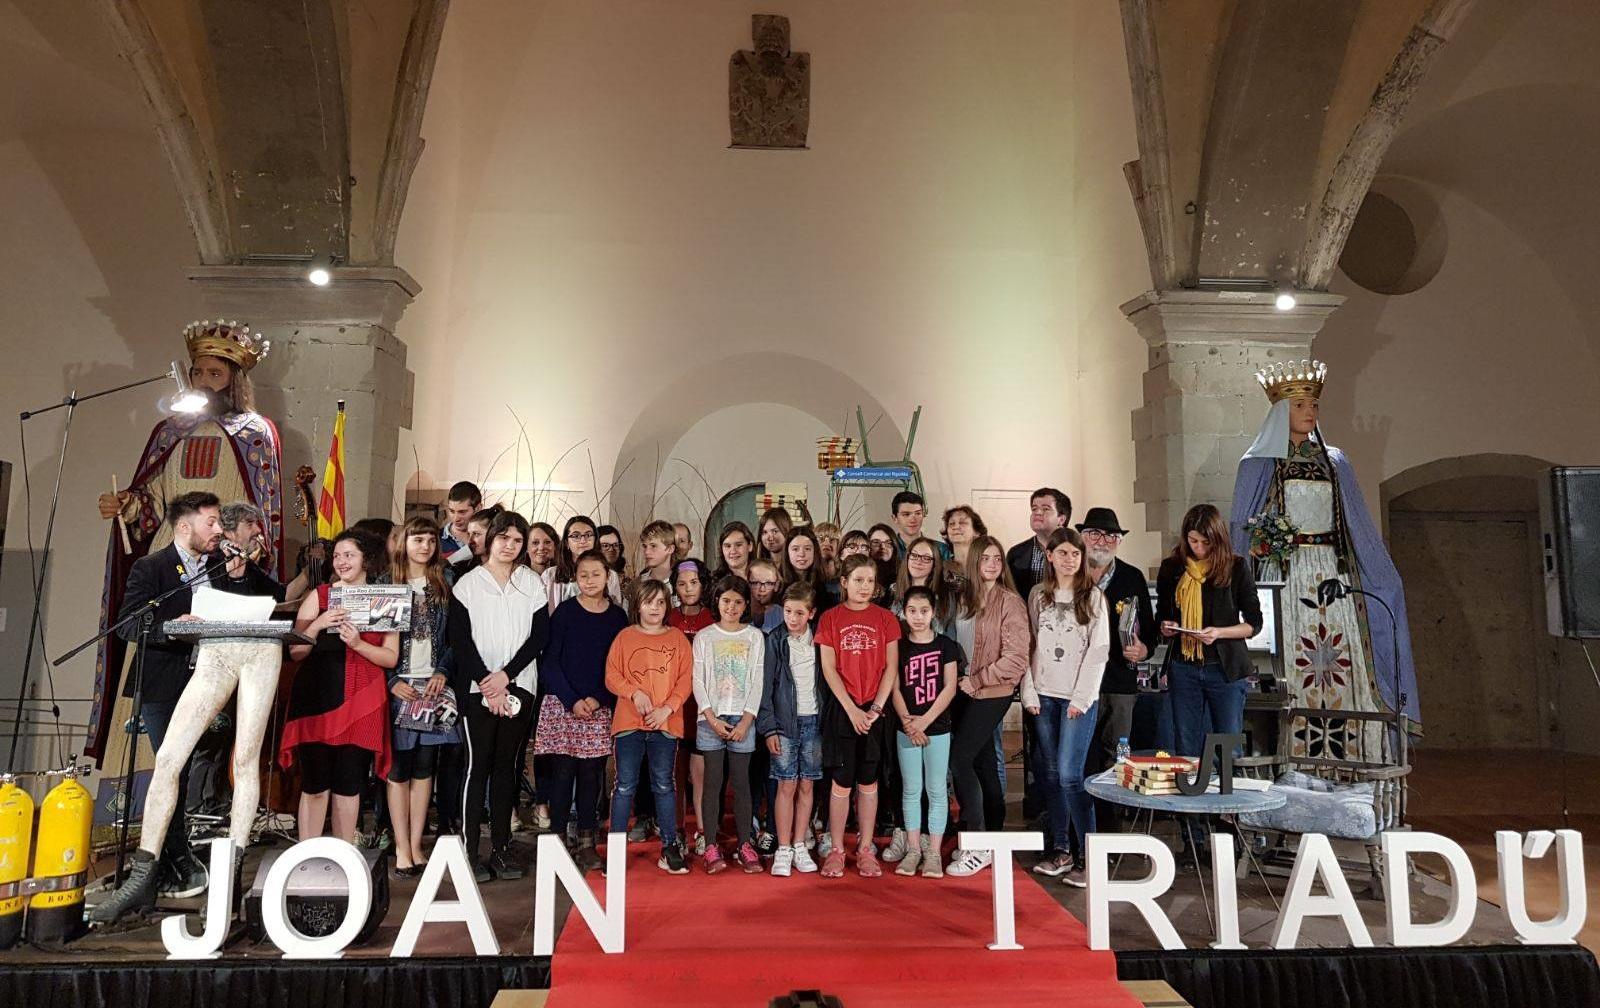 Gala Joan Triadú 2018